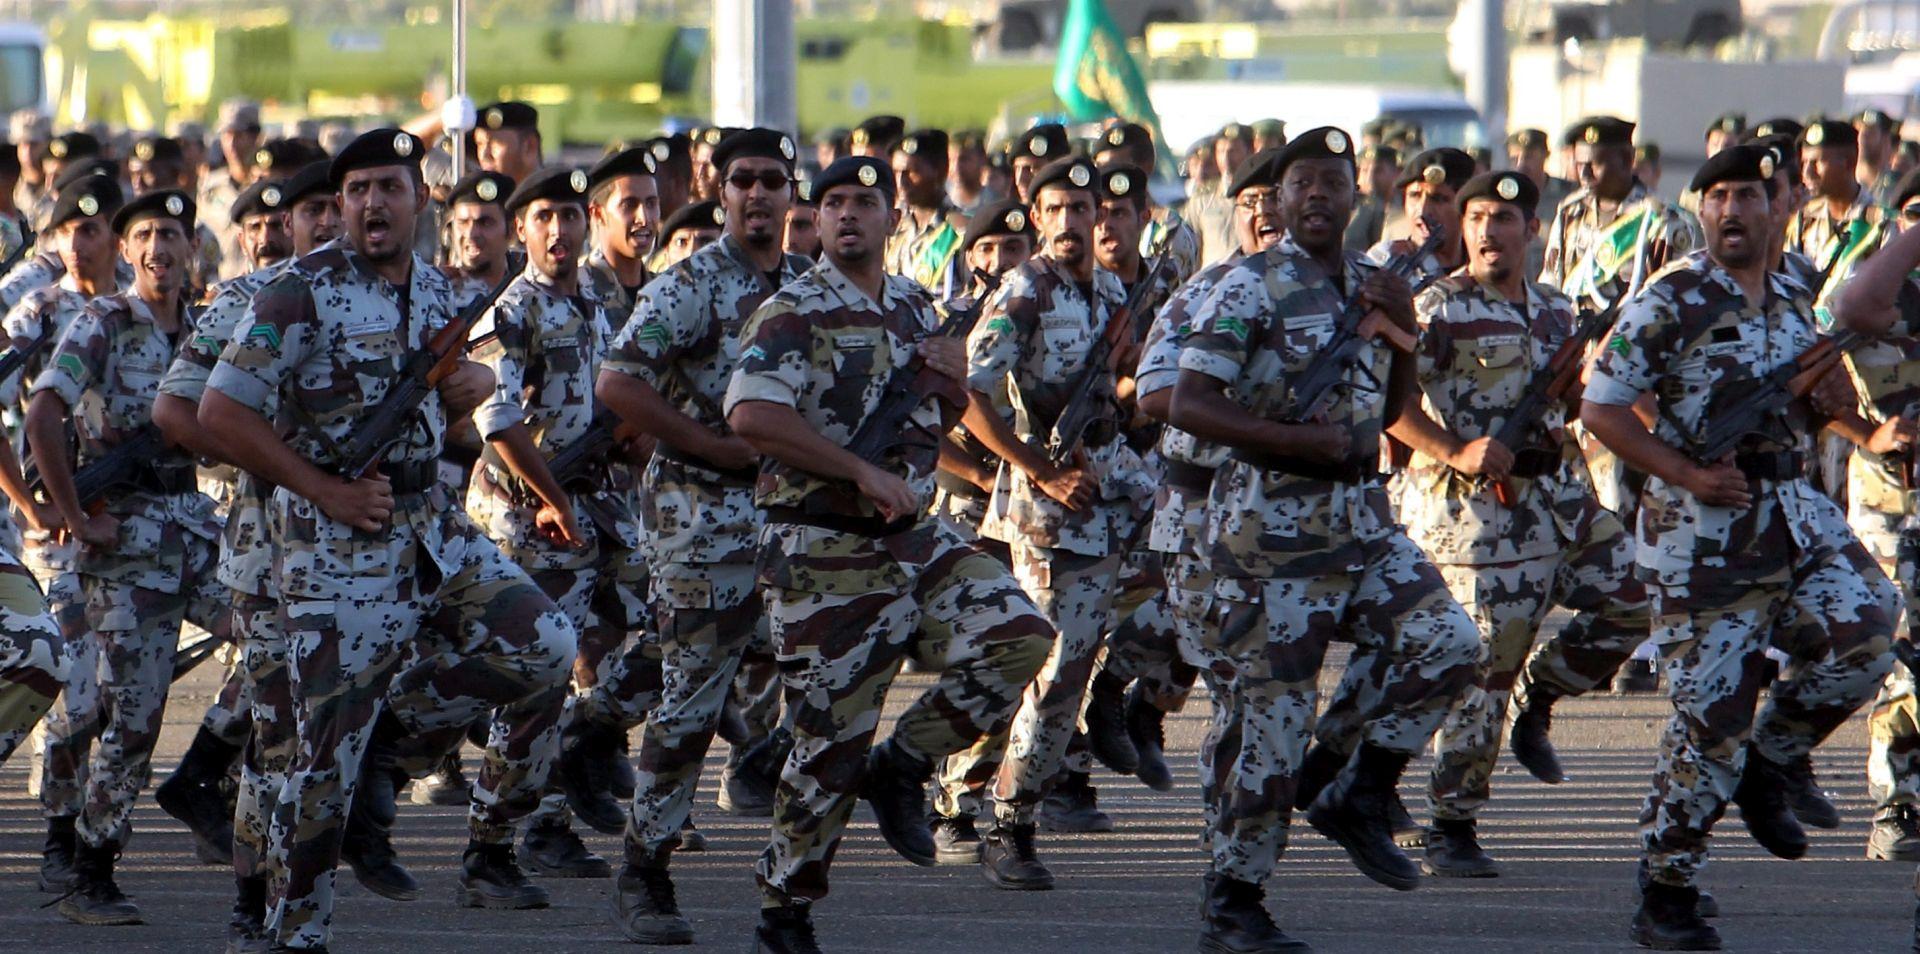 DAMASK UPOZORAVA: Kopnena intervencija bila bi agresija, vojnici će kući u lijesovima